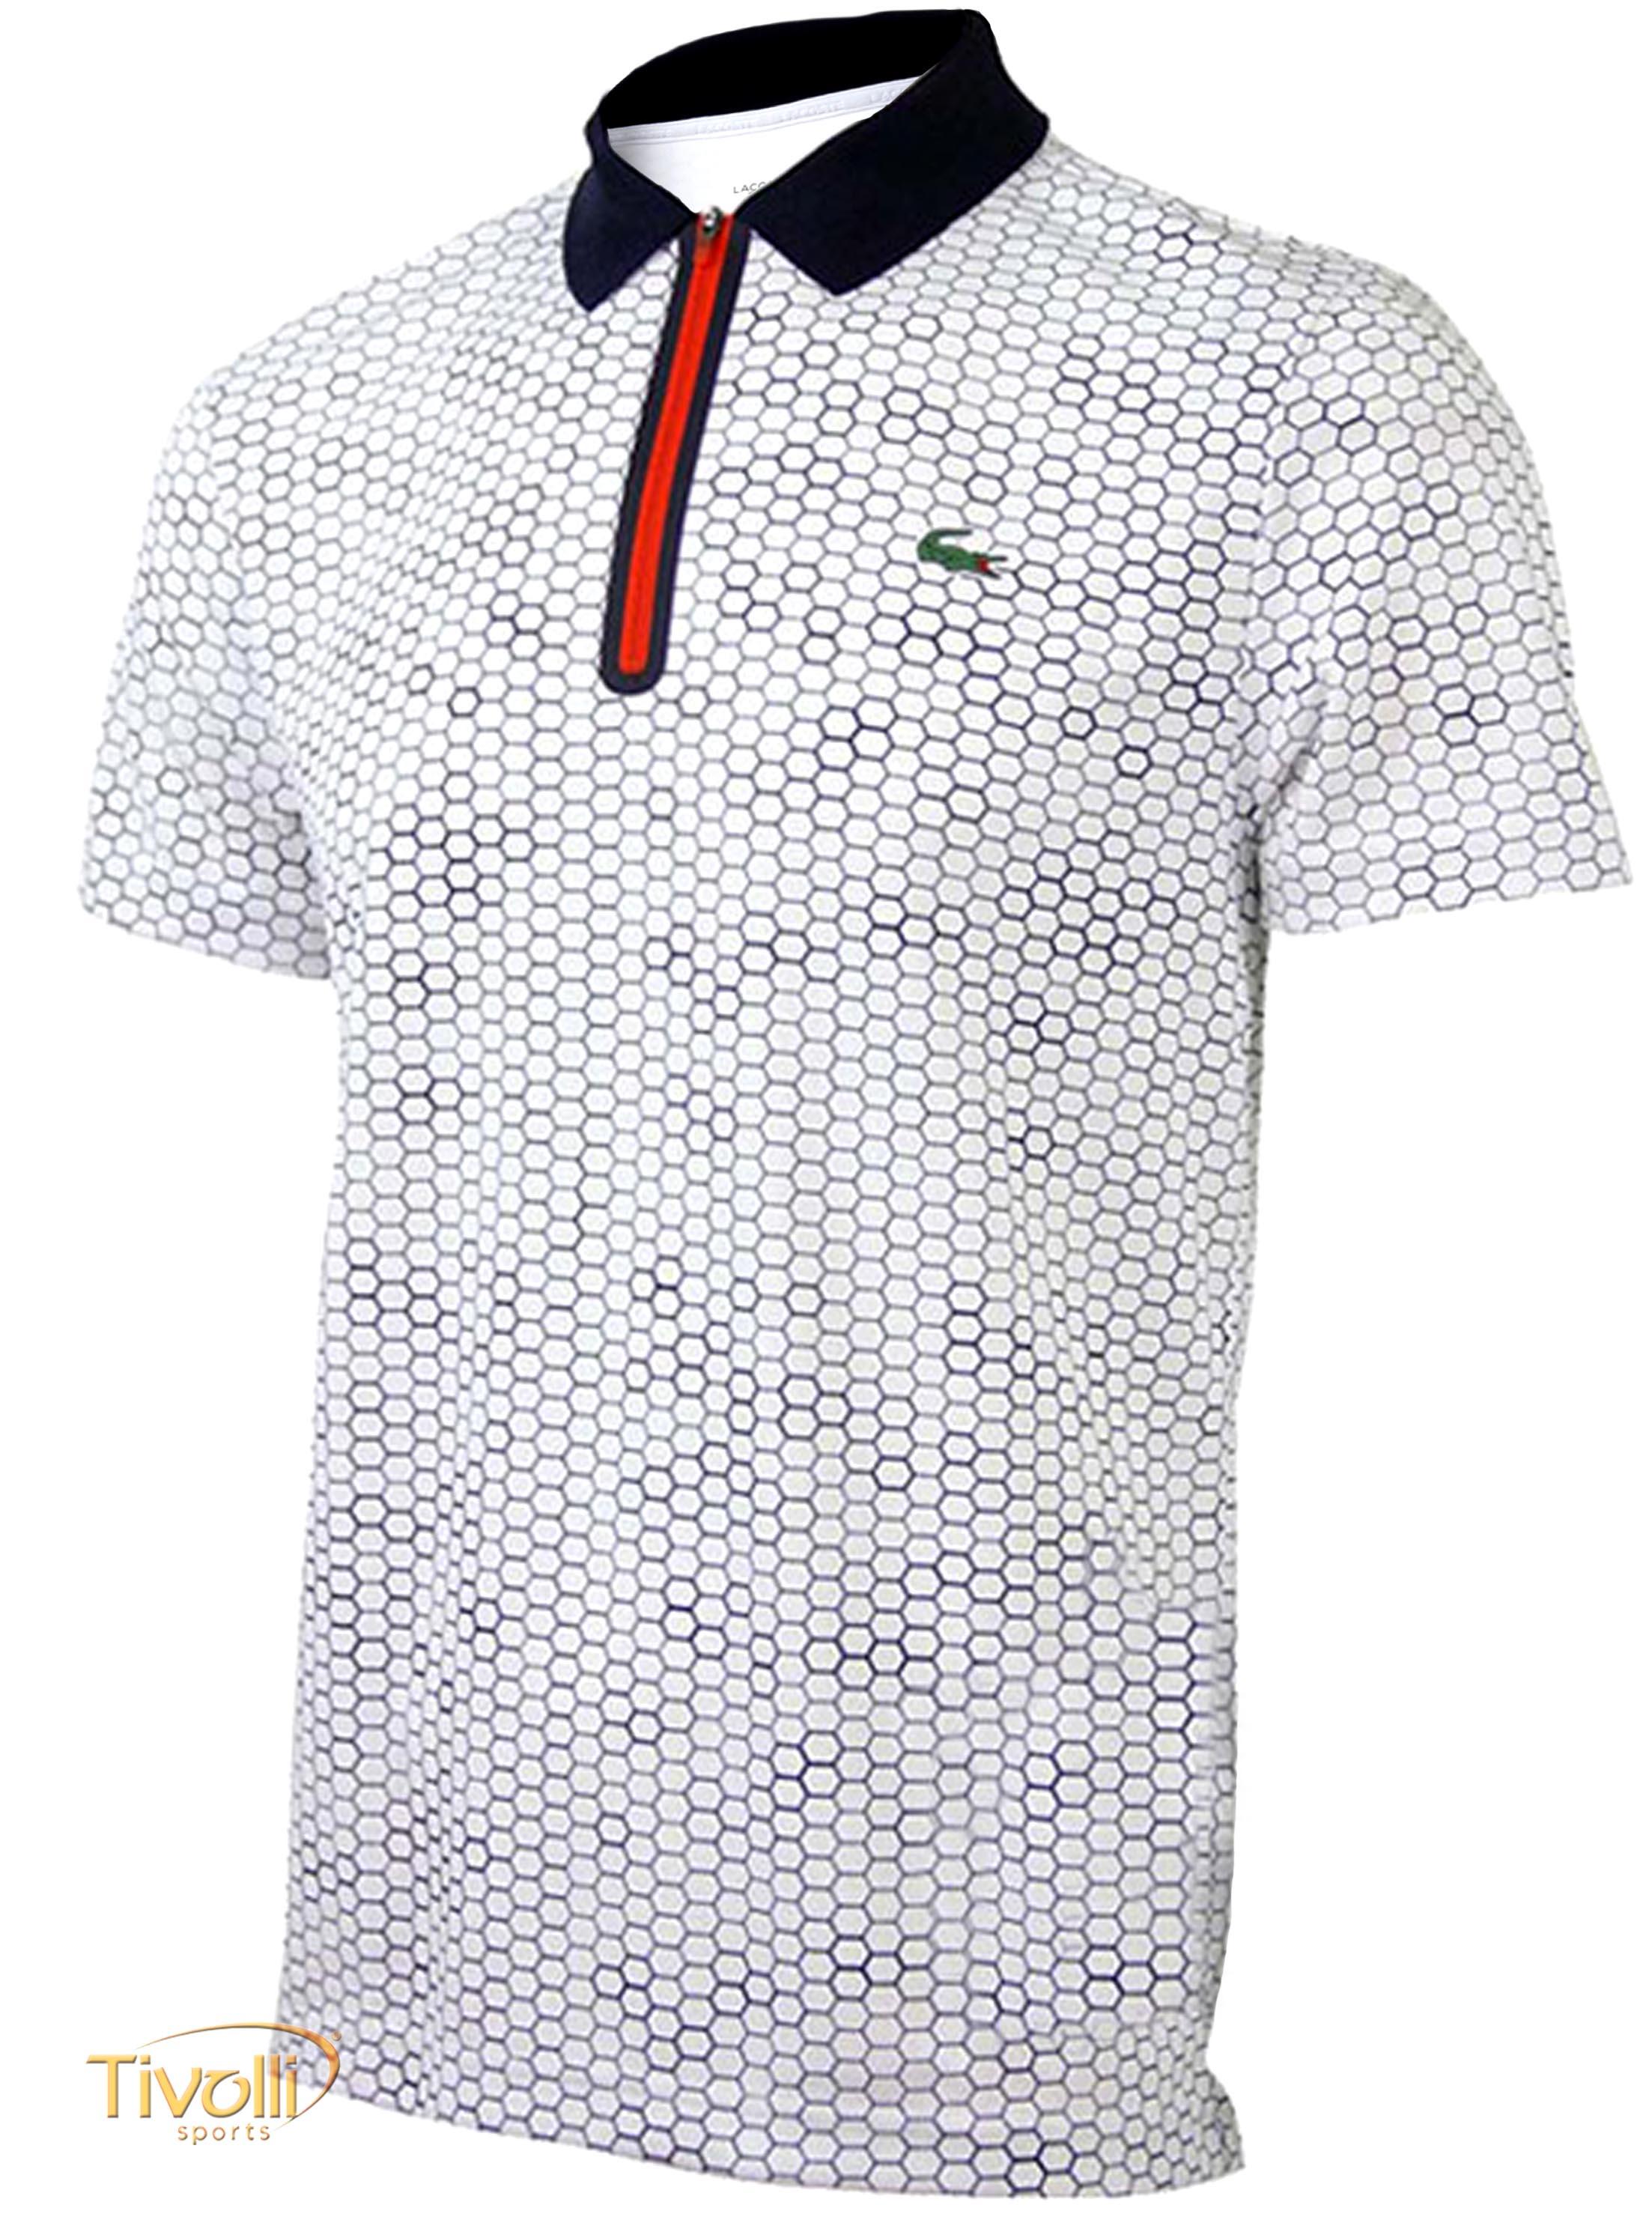 Raquete Mania   Camisa Polo Lacoste   Fancy 1 Branca, Marinho e Vermelha 2400cab254